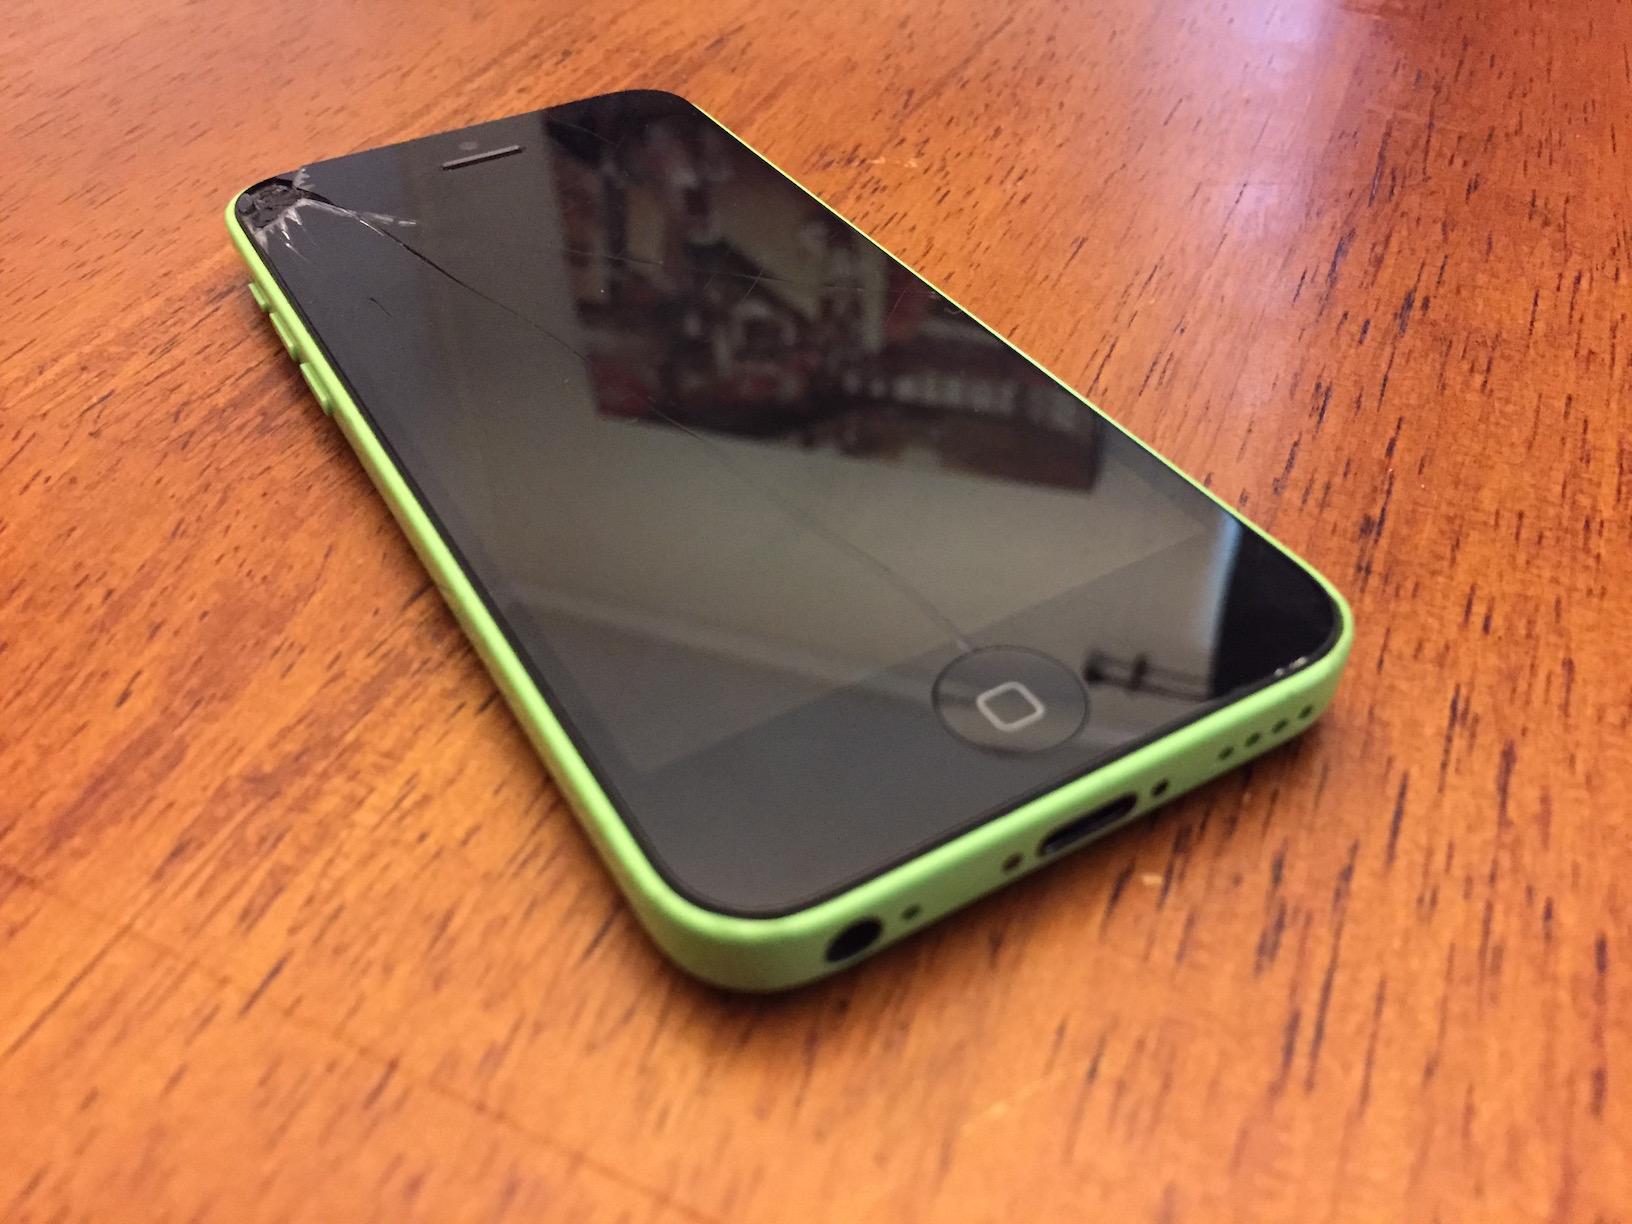 راهنمای تعویض گلس یا شیشه شکسته Apple iPhone 5c